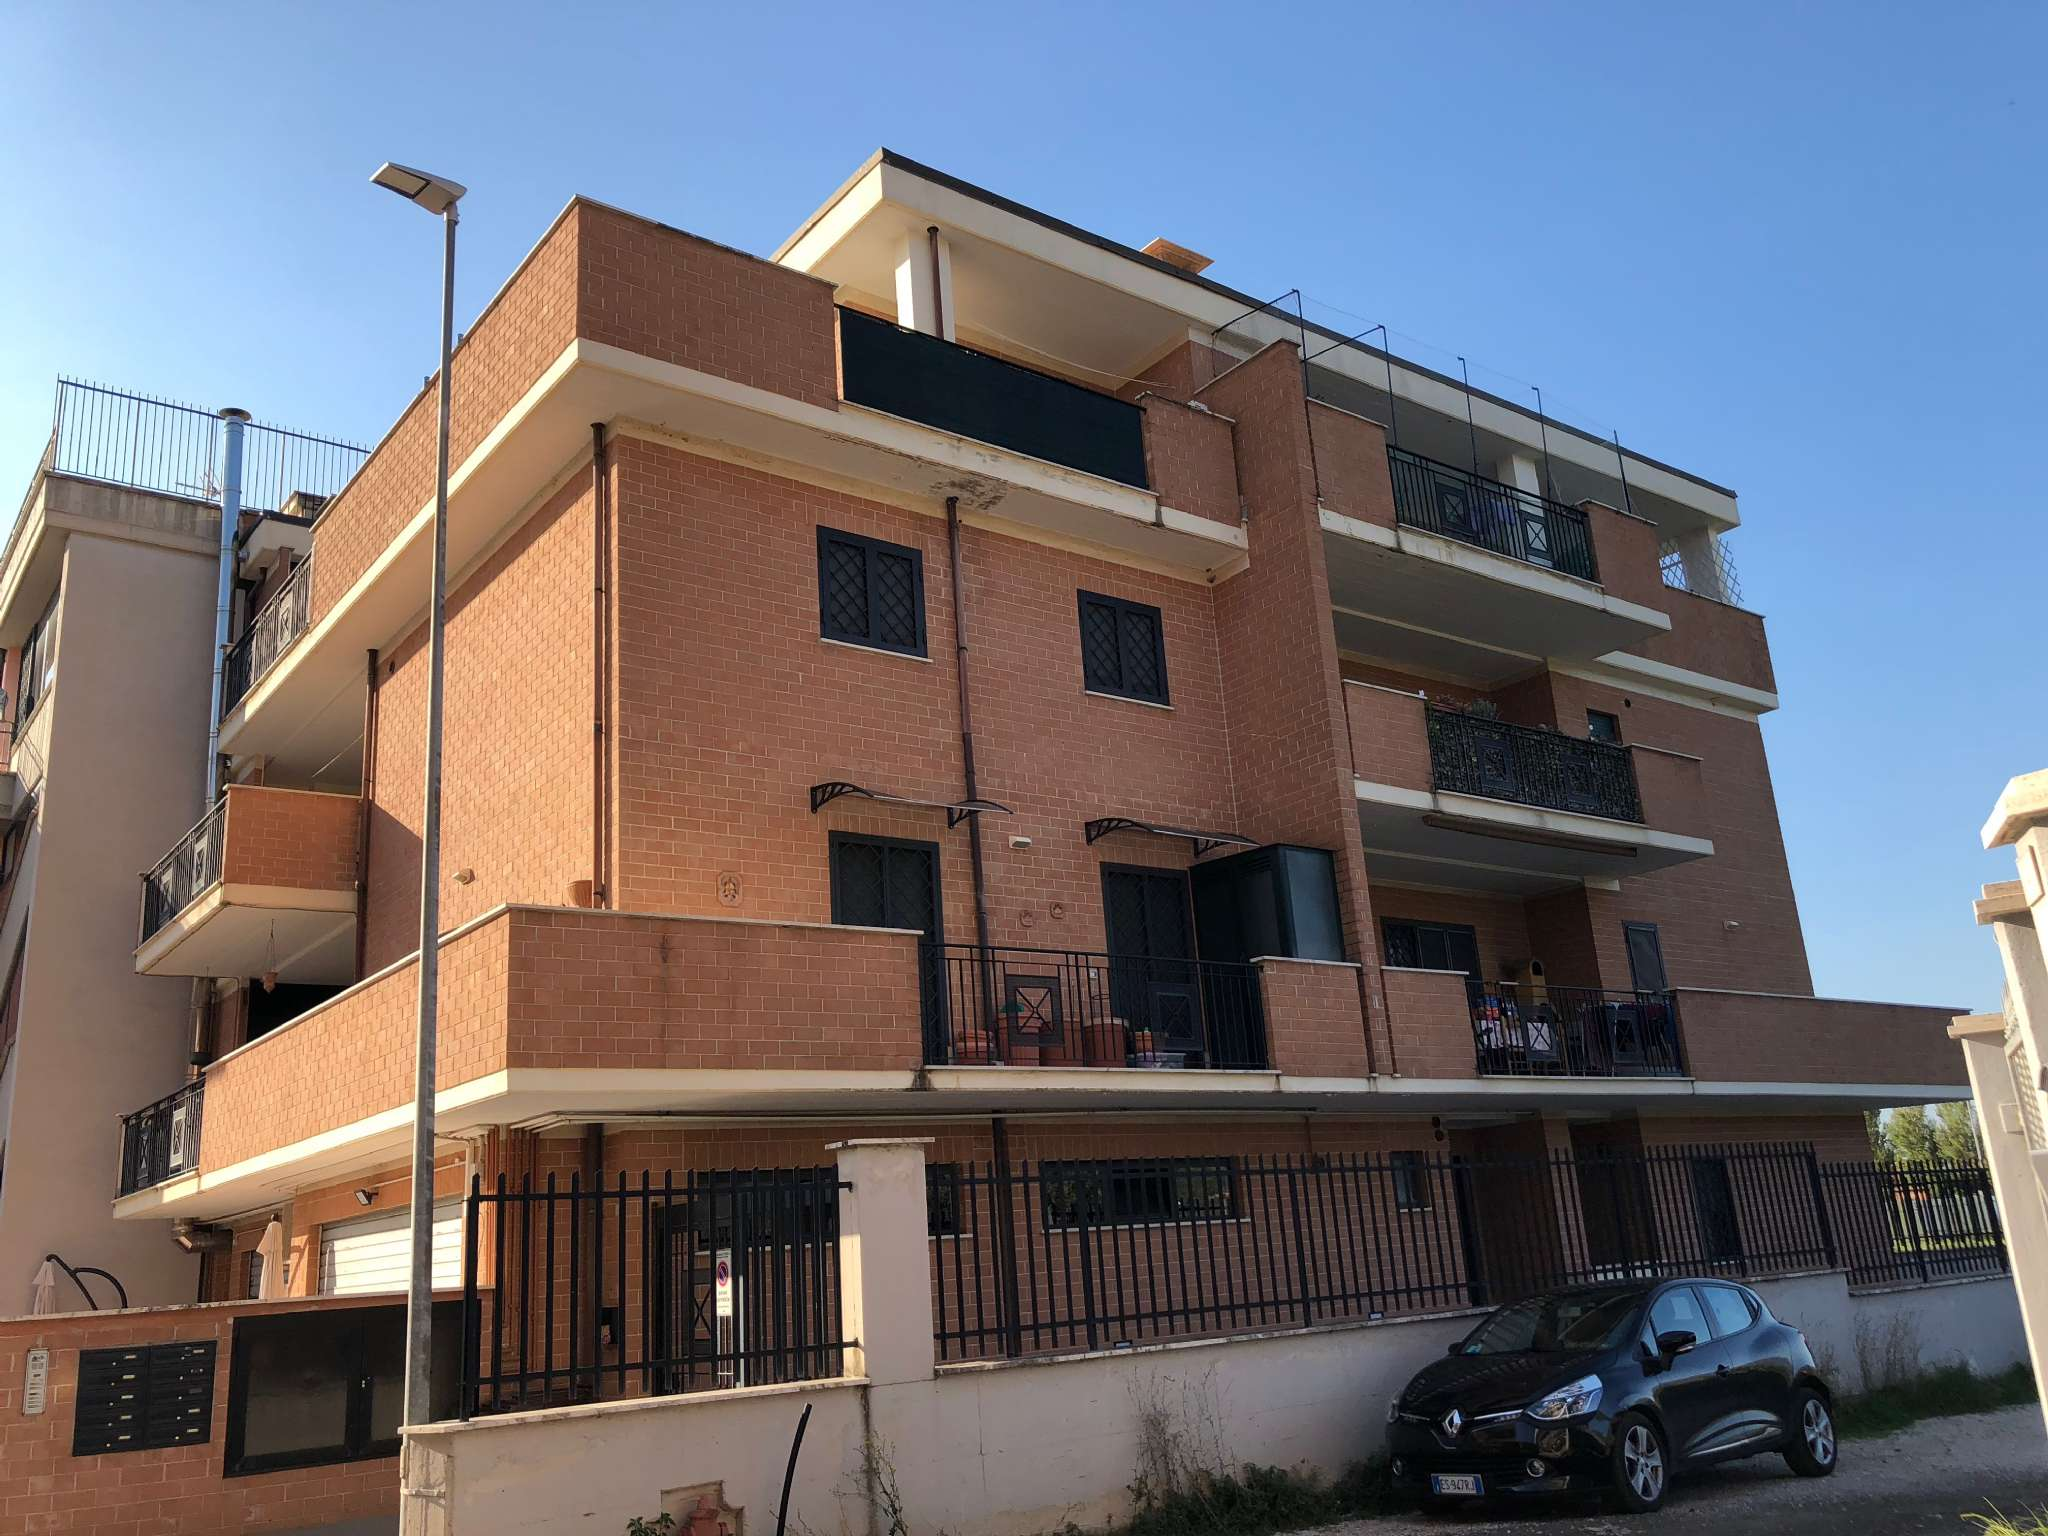 Appartamento in vendita a Tivoli, 3 locali, prezzo € 138.000 | CambioCasa.it